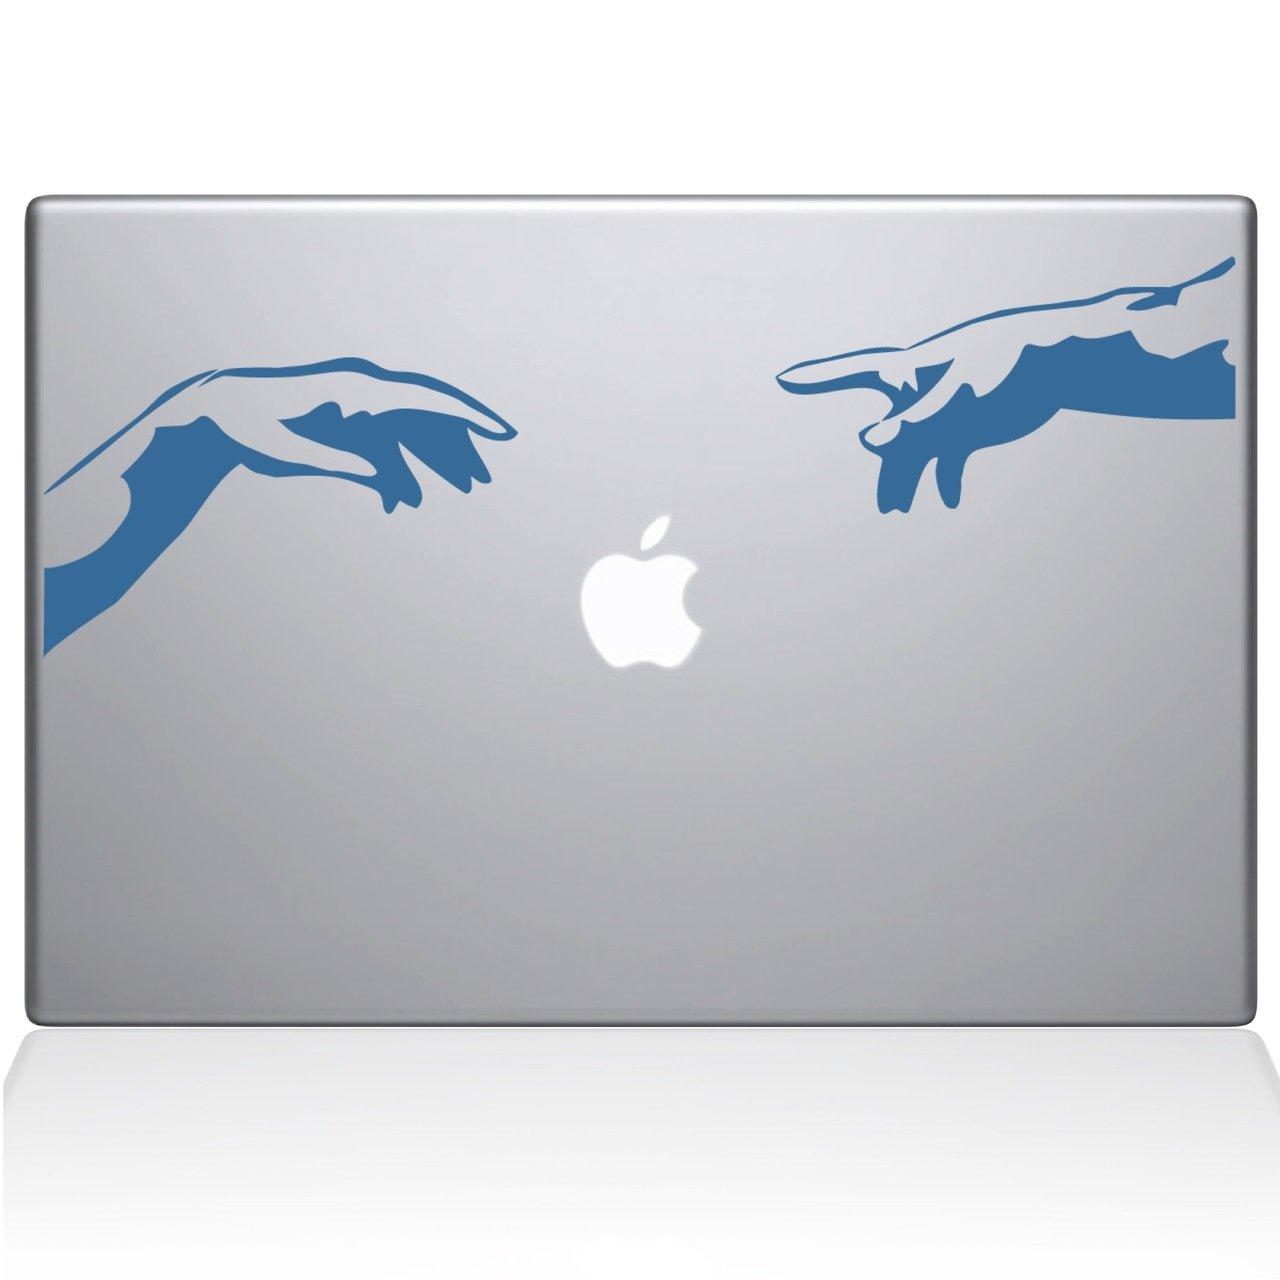 【着後レビューで 送料無料】 Creation of Creation Apple Macbookデカール、Die Cut Decal Vinyl B07239MYTB Decal for Windows車、トラック、ツールボックス、ノートパソコン、ほぼすべてmacbook-ハード、滑らかな表面 グレイ Titans-Unique-Design-118849-Light-Blue ライトブルー B07239MYTB, YAMAGOいもの花:7030caad --- kickit.co.ke